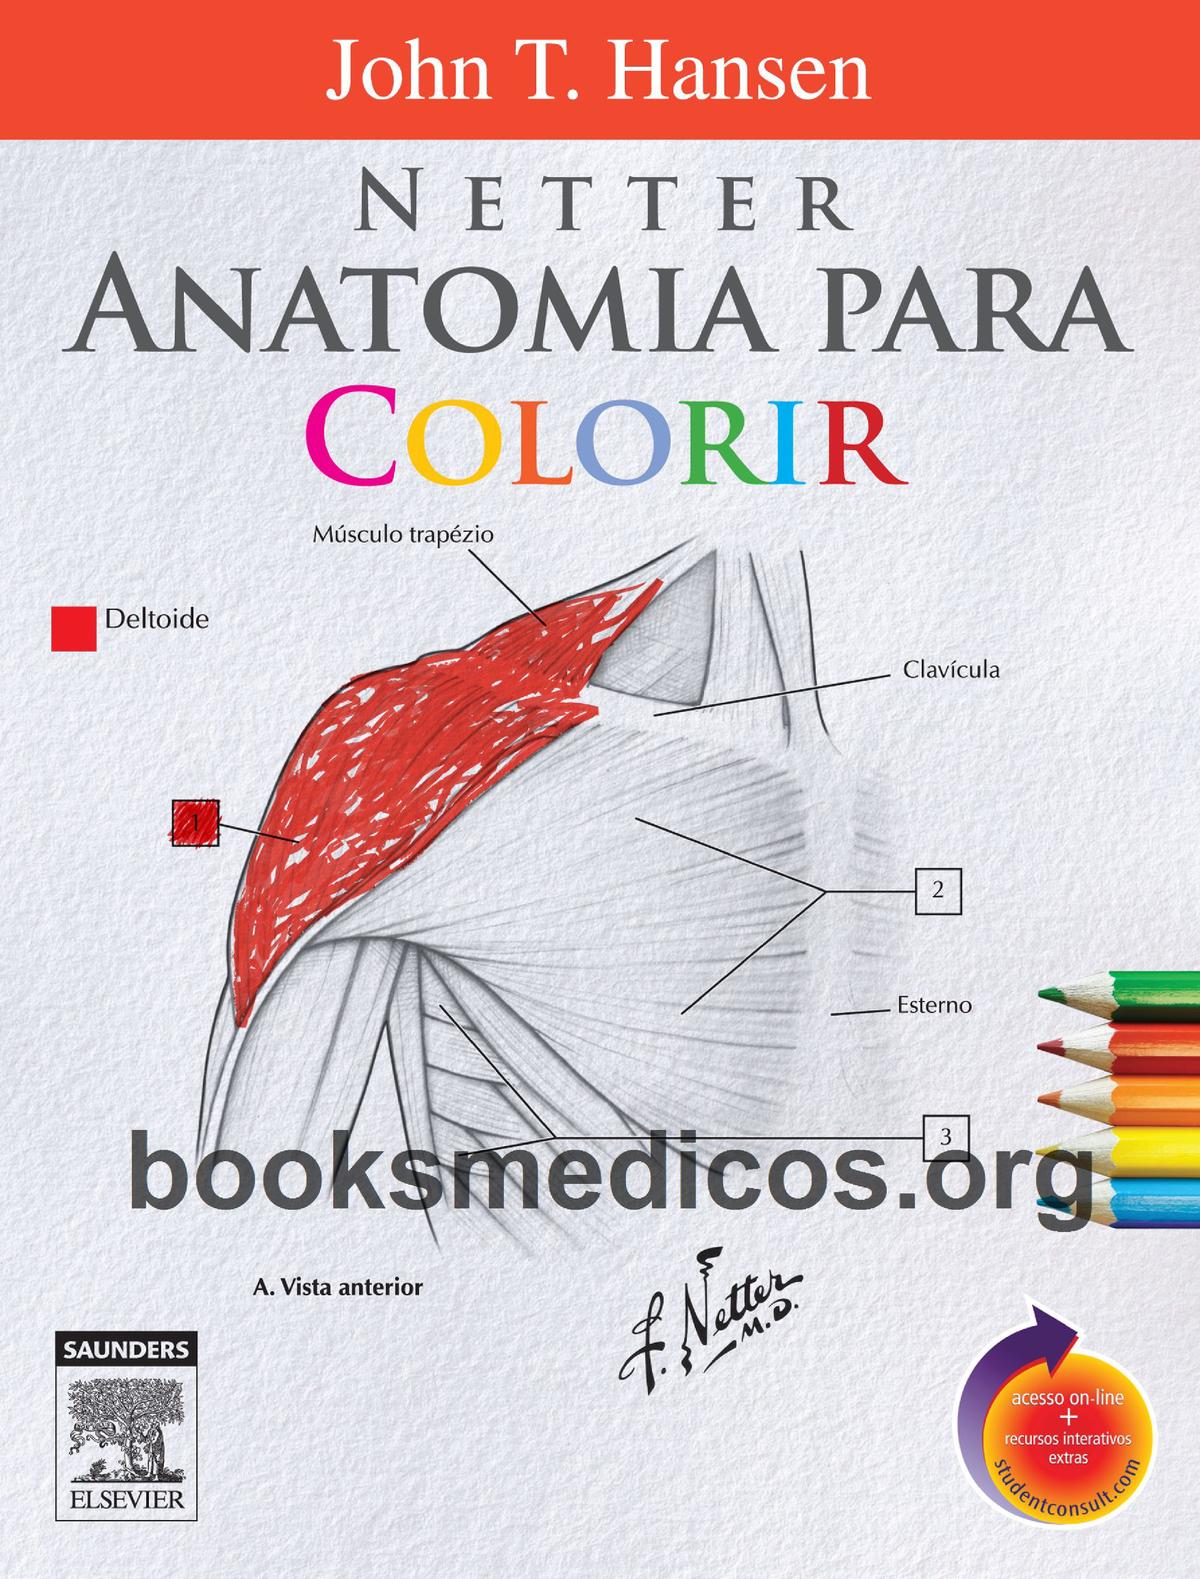 Netter Anatomia para Colorir 1a Edição booksmedicos - 2668 - StuDocu